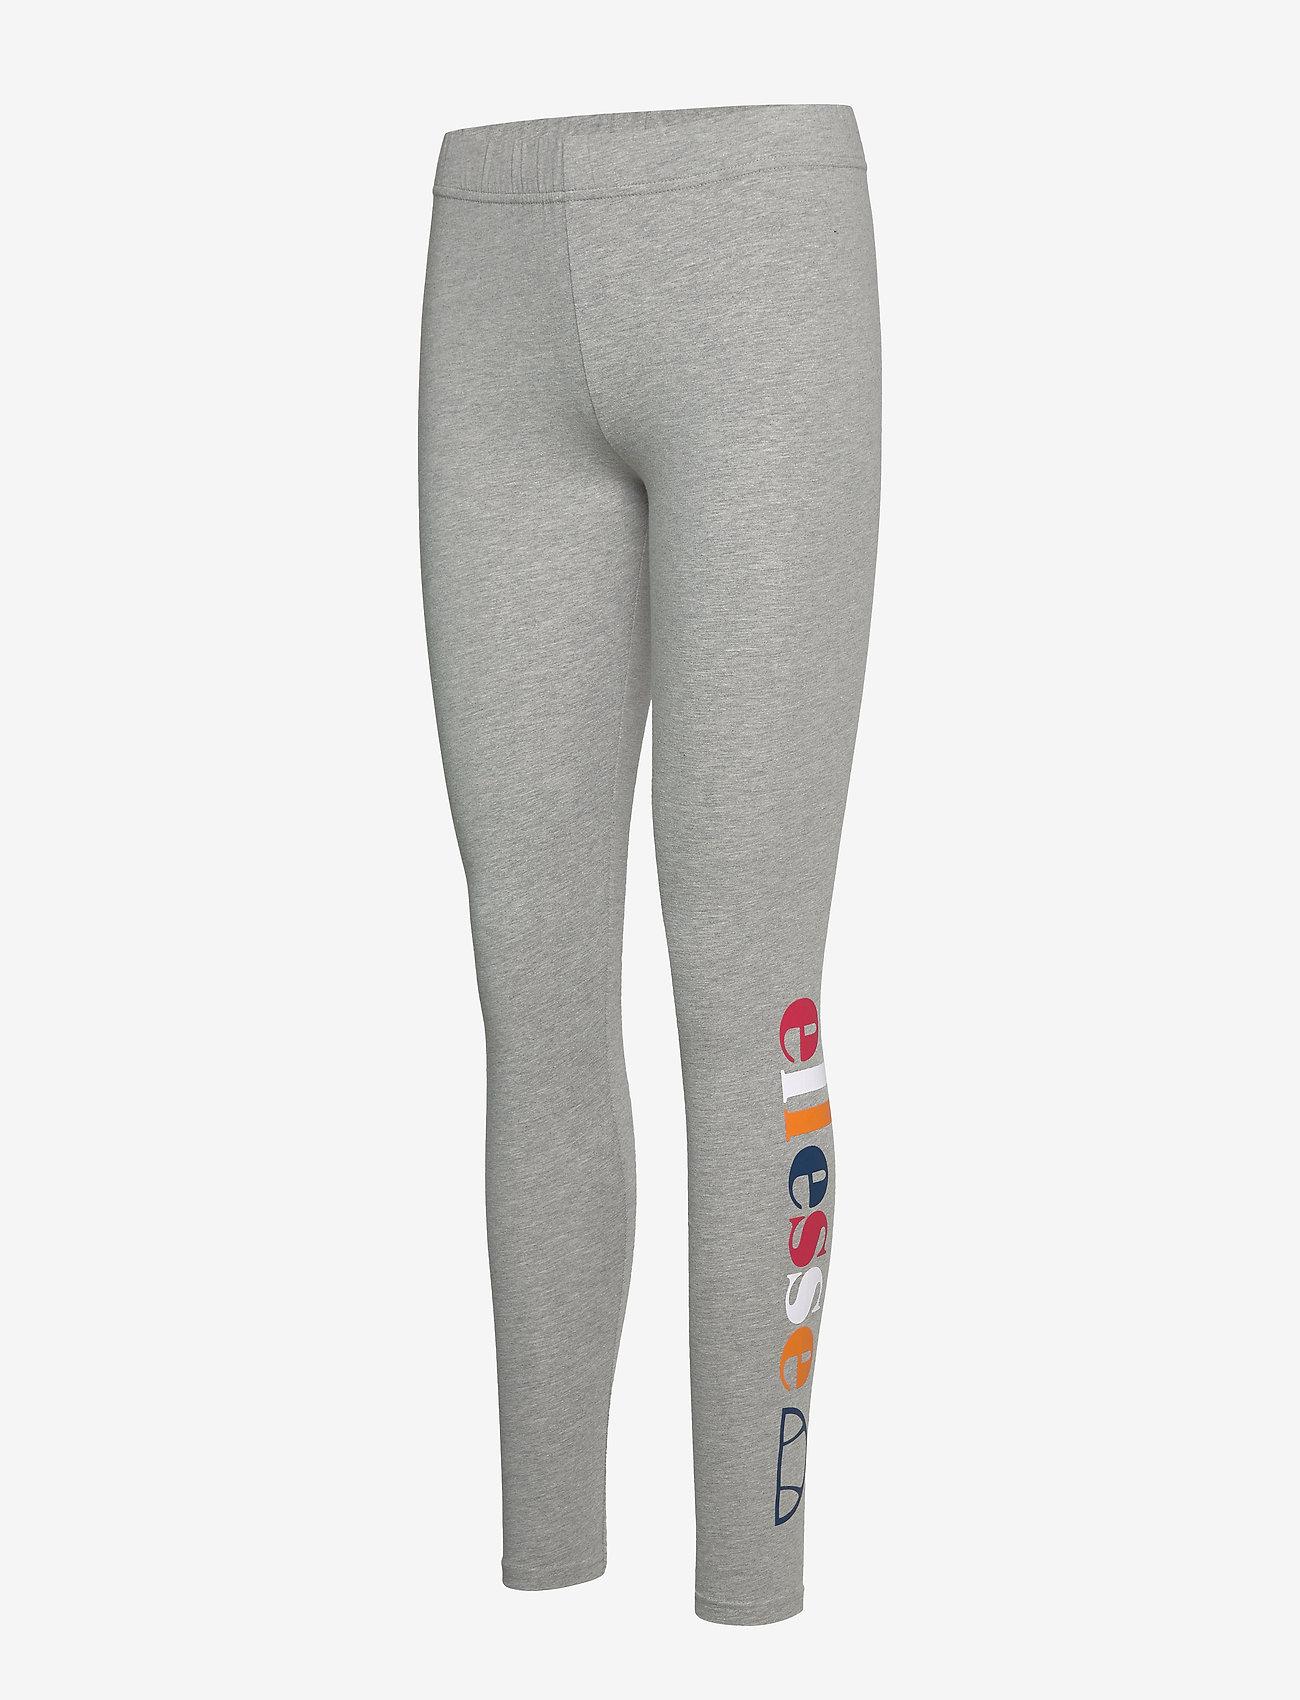 El Ghant Legging (Grey Marl) (280 kr) - Ellesse